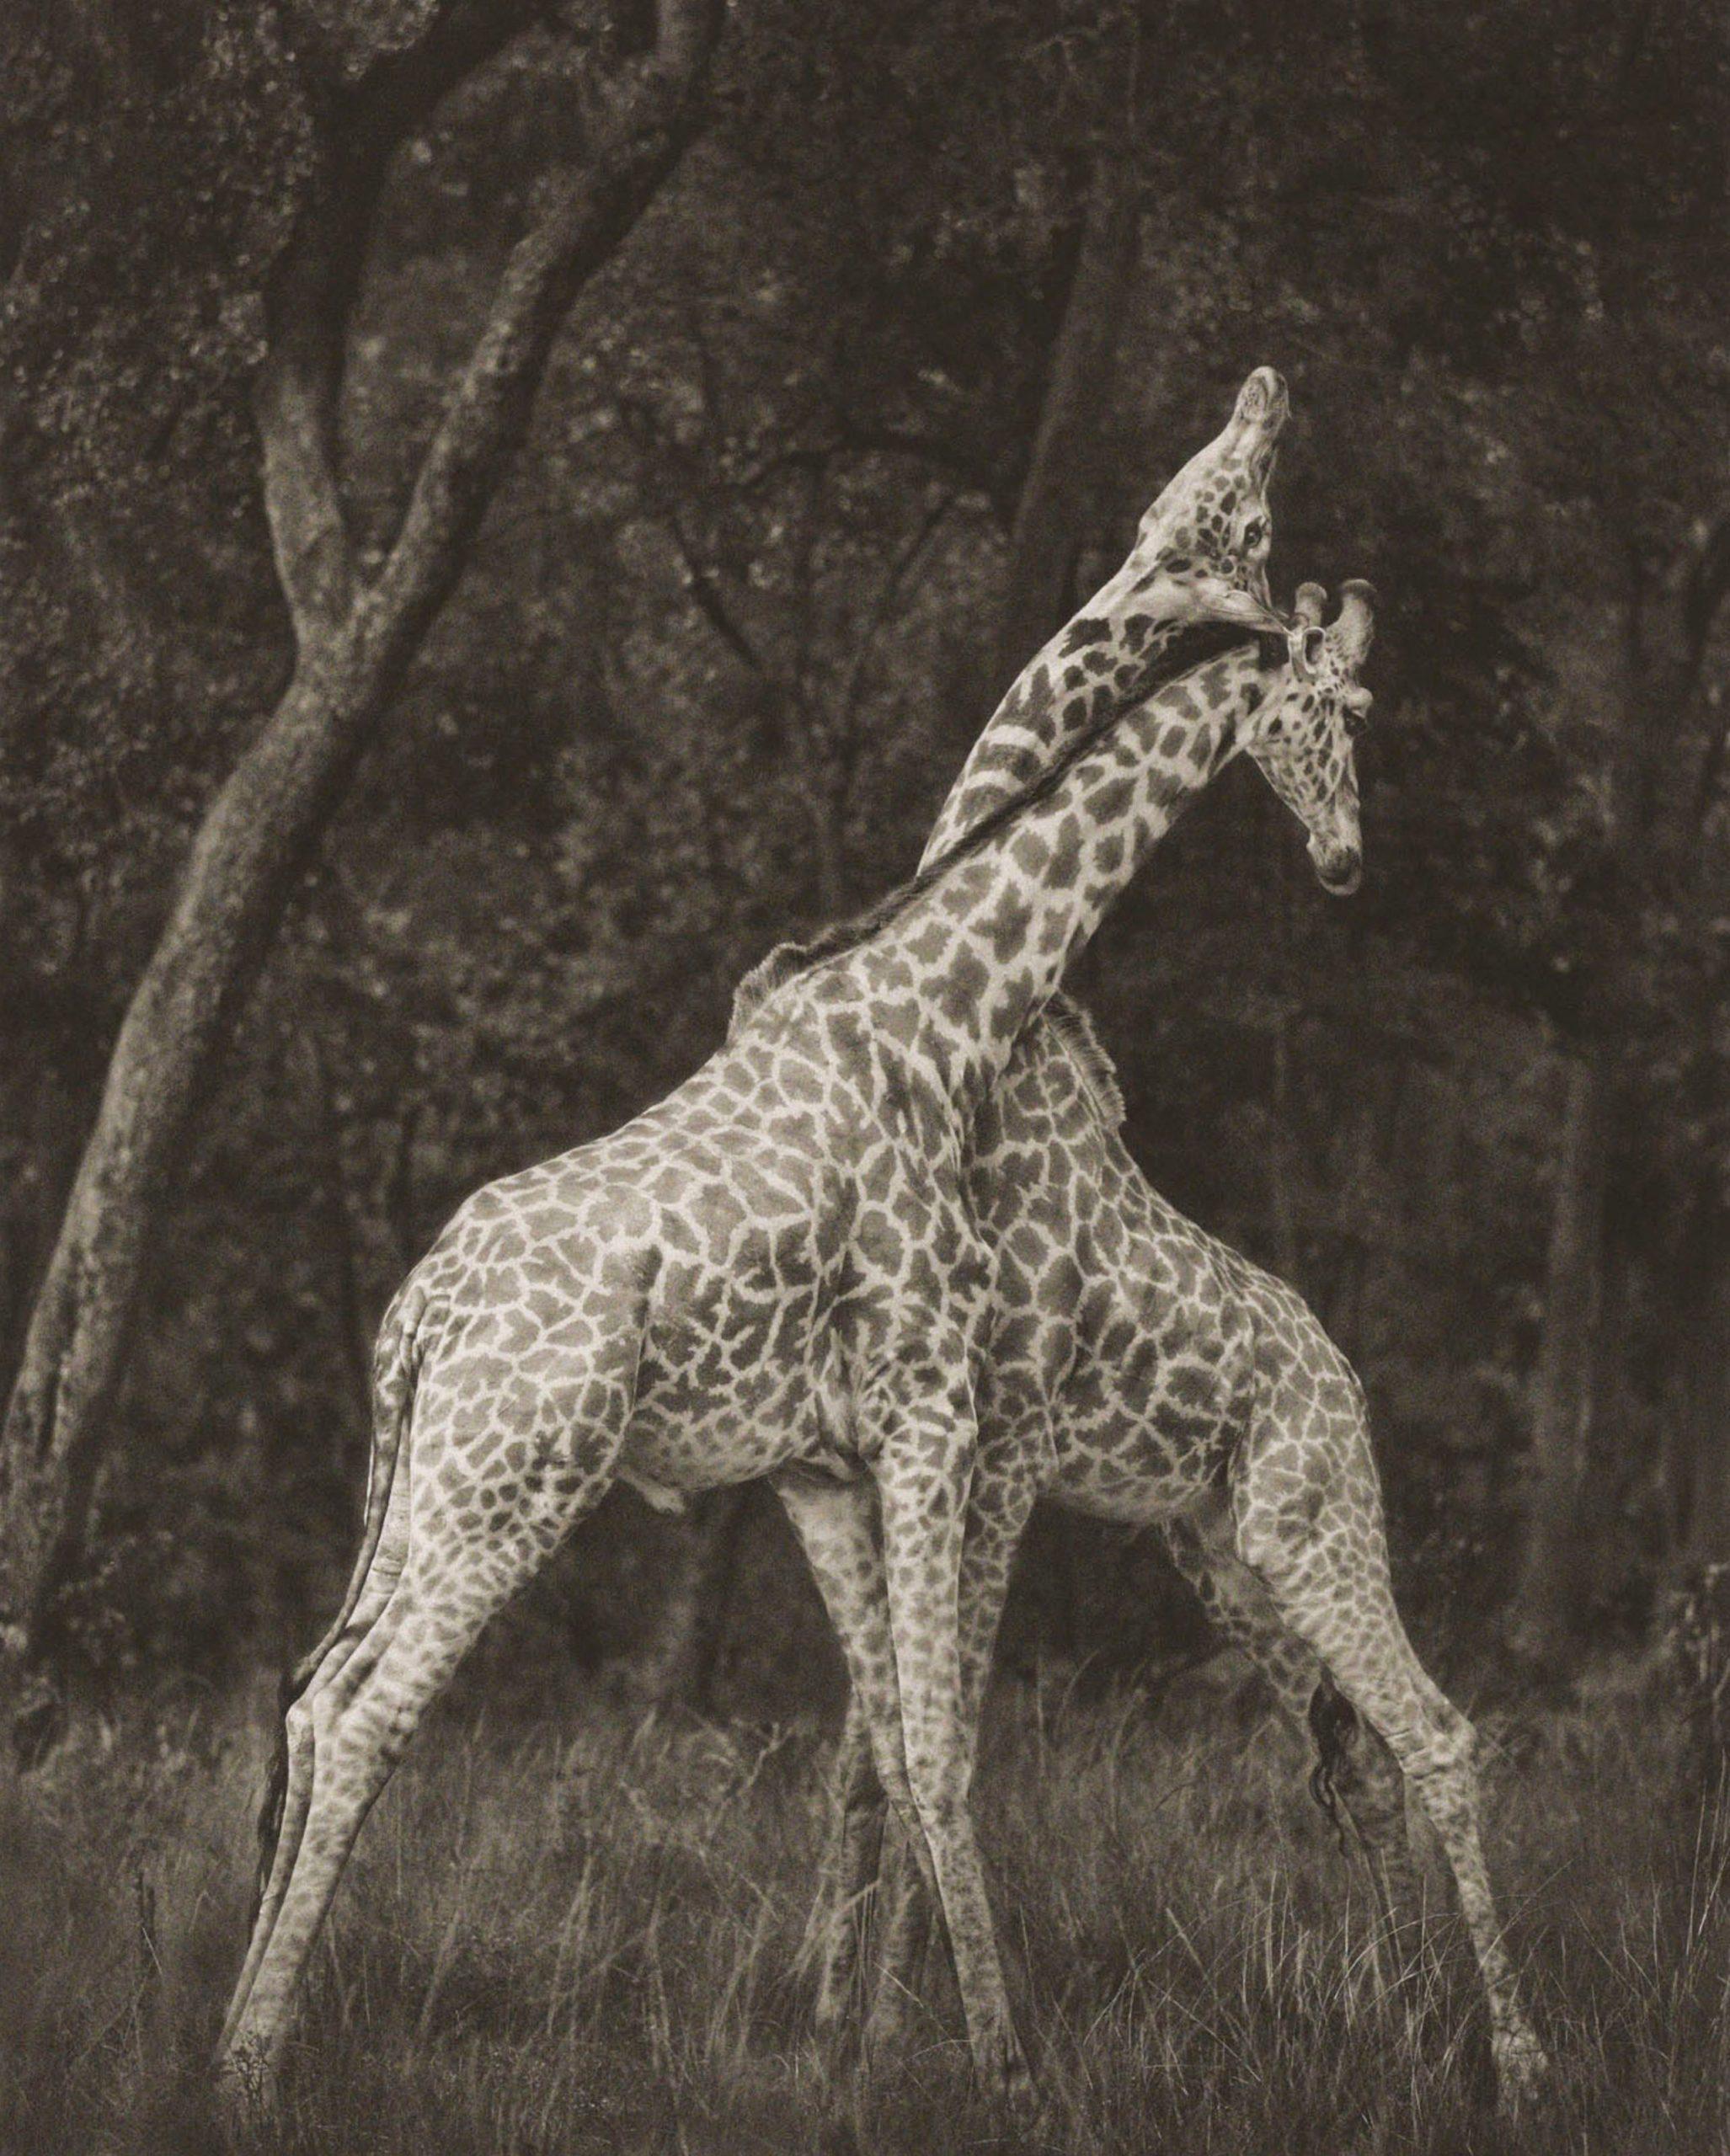 Giraffes Battling in Forest, Maasai Mara